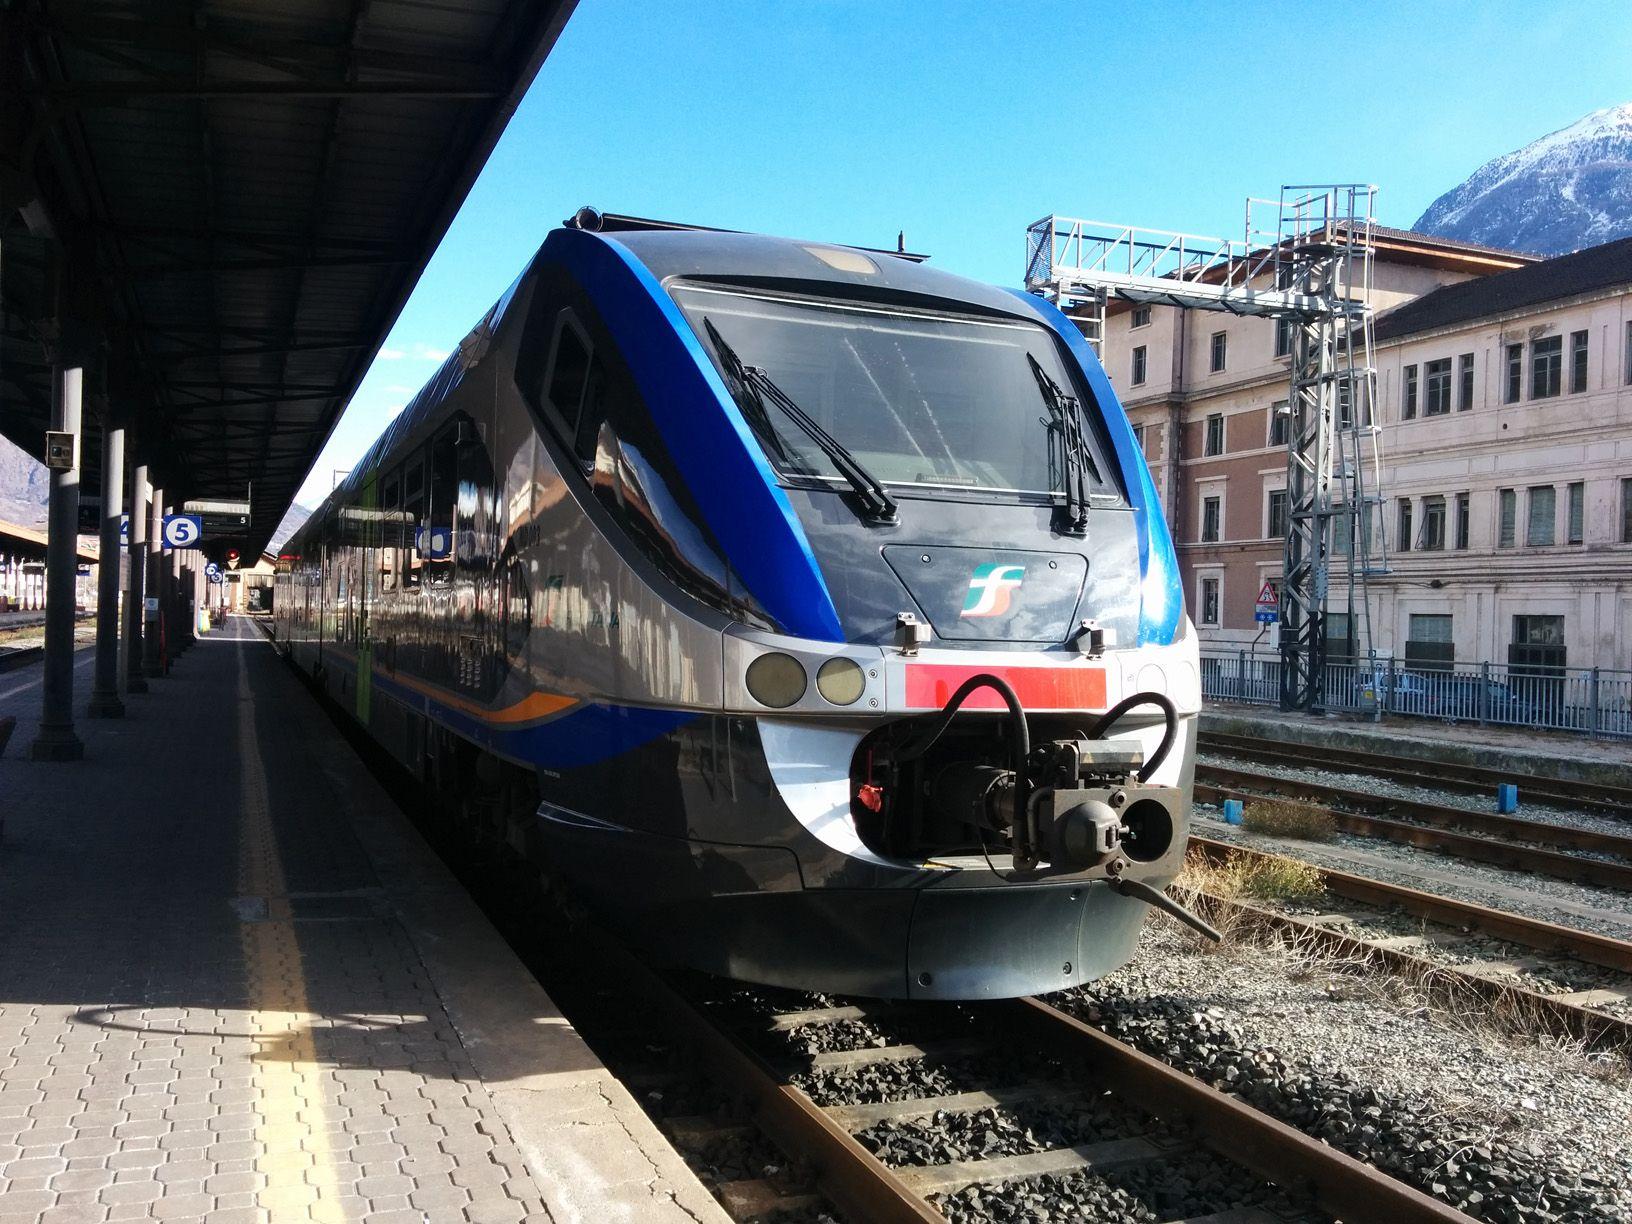 IVREA-AOSTA - Ferrovia chiusa dal 14 giugno per quasi un mese: pendolari e studenti sui bus